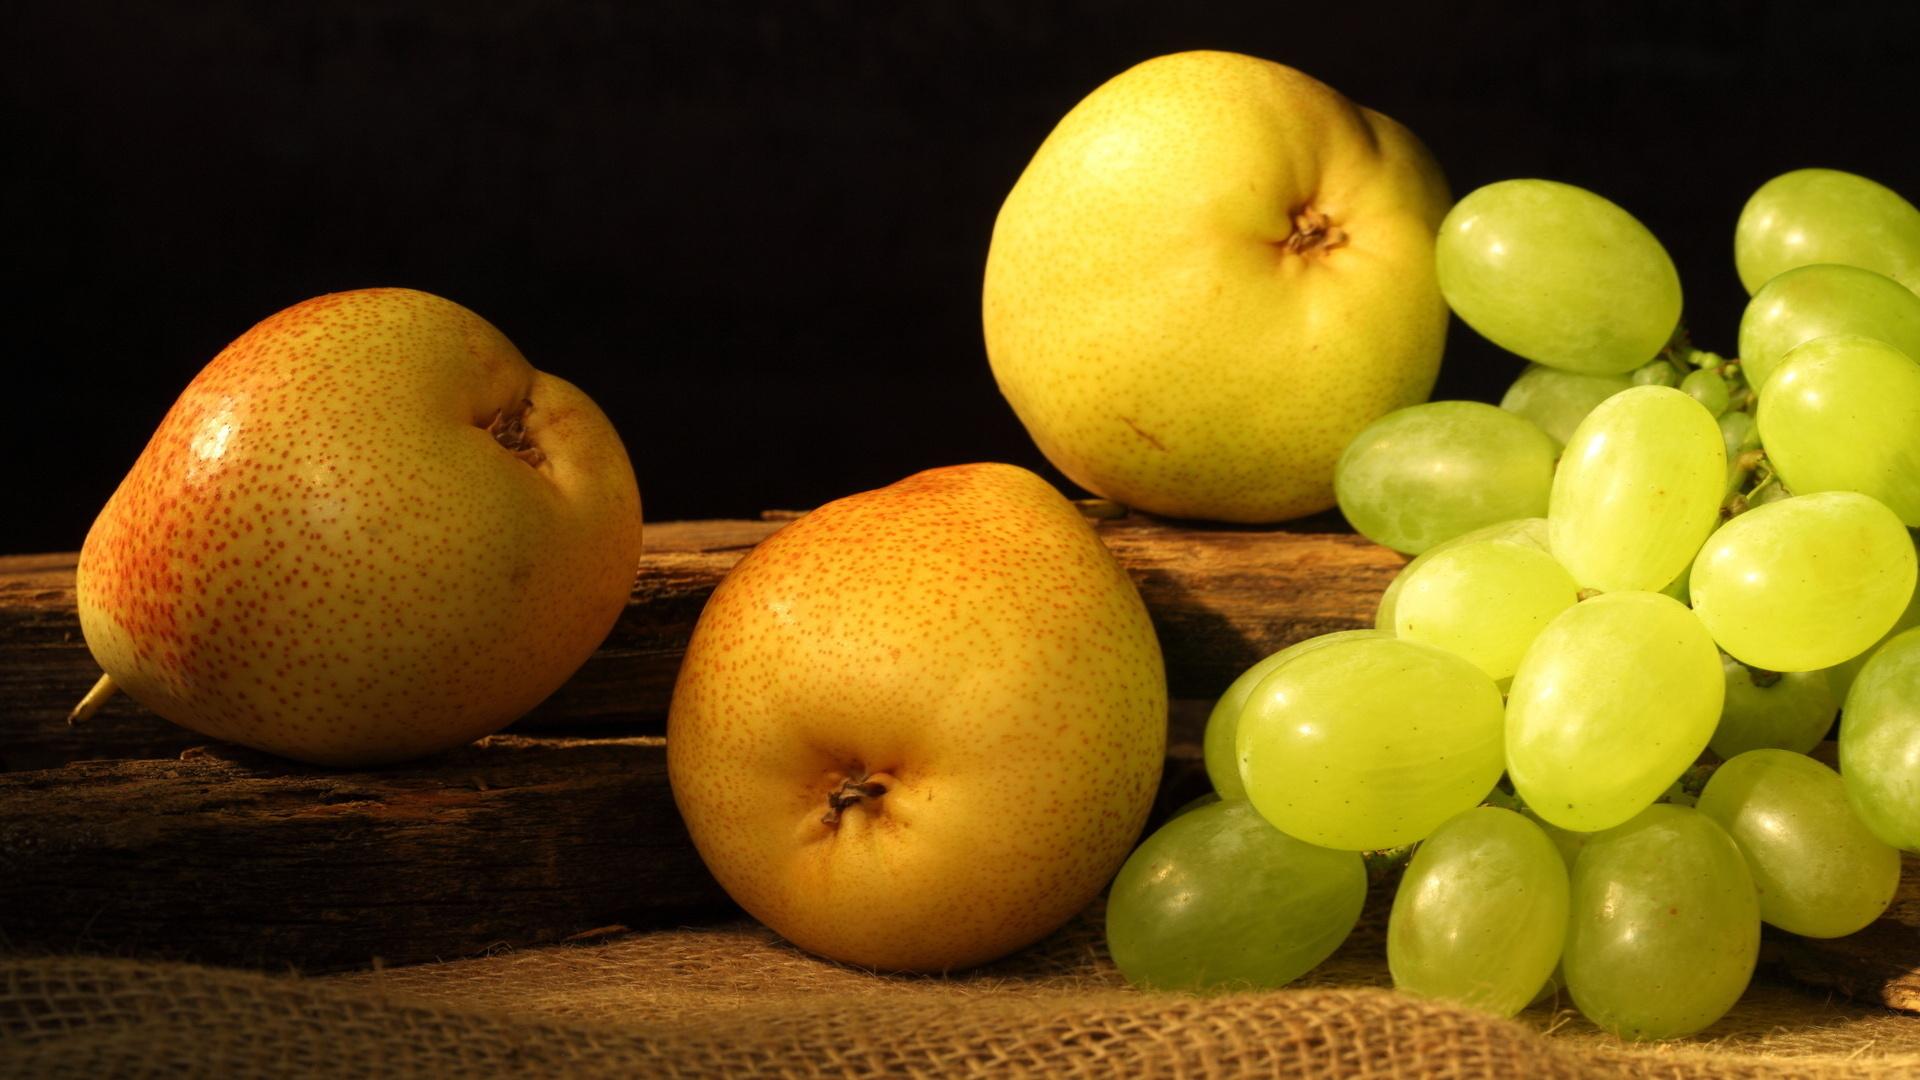 фрукты, виноград, груши, фото, обои для рабочего стола